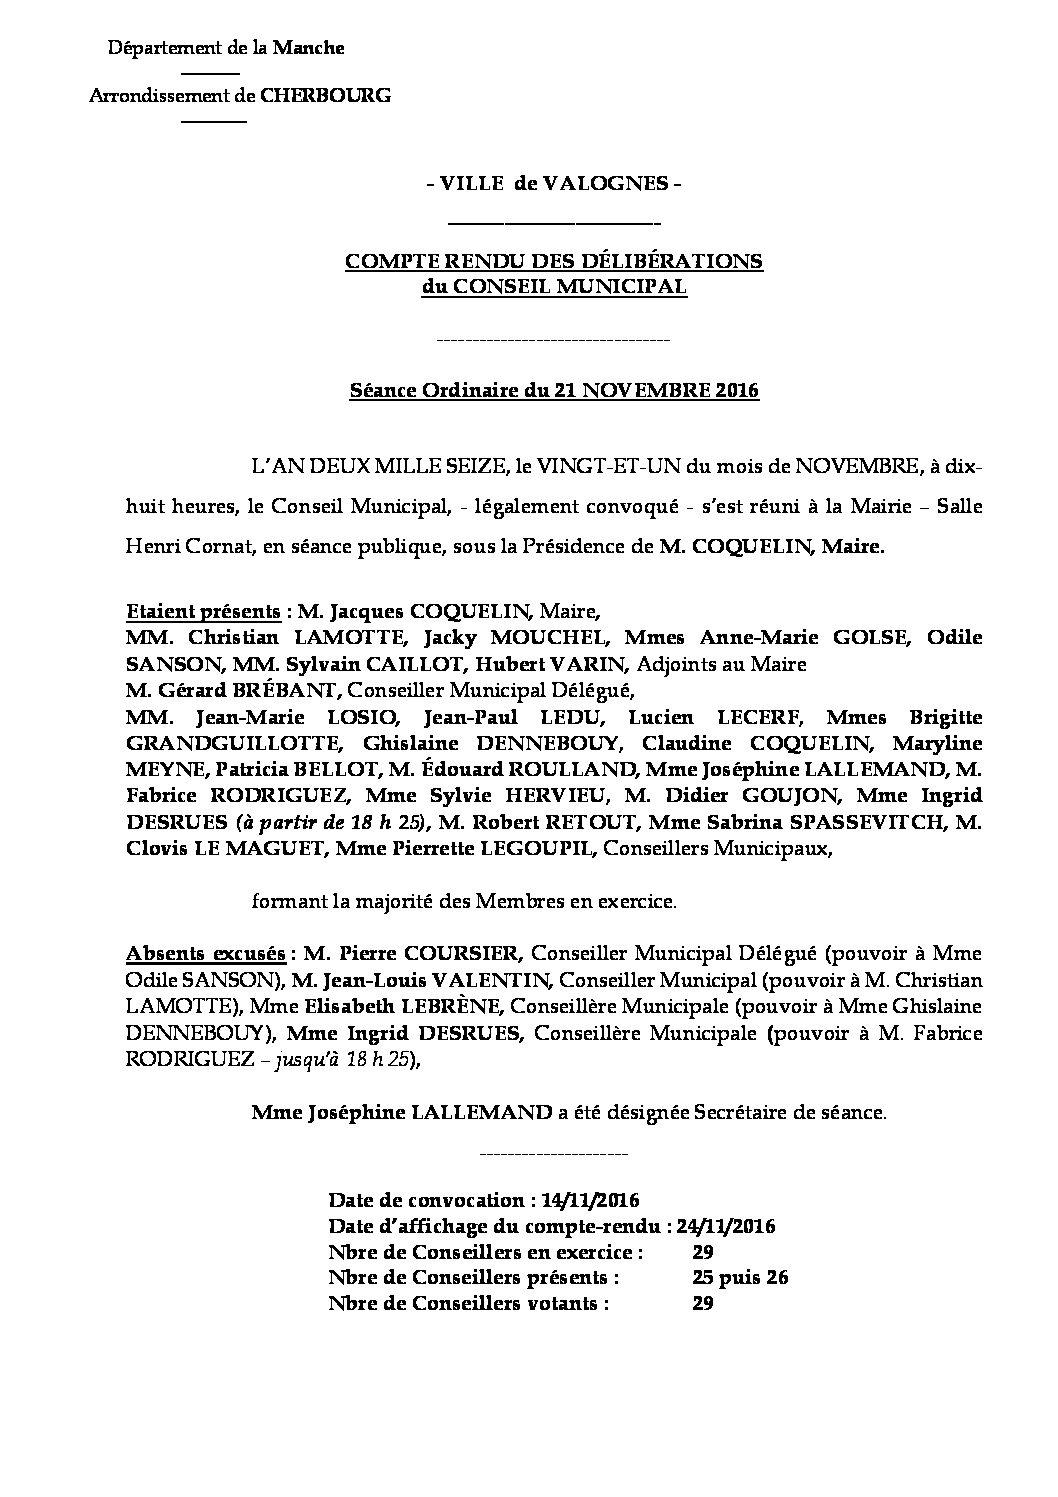 Extrait du registre des délibérations du 21-11-2016 - Compte rendu des questions soumises à délibération lors de la séance du Conseil Municipal du 21 novembre 2016.